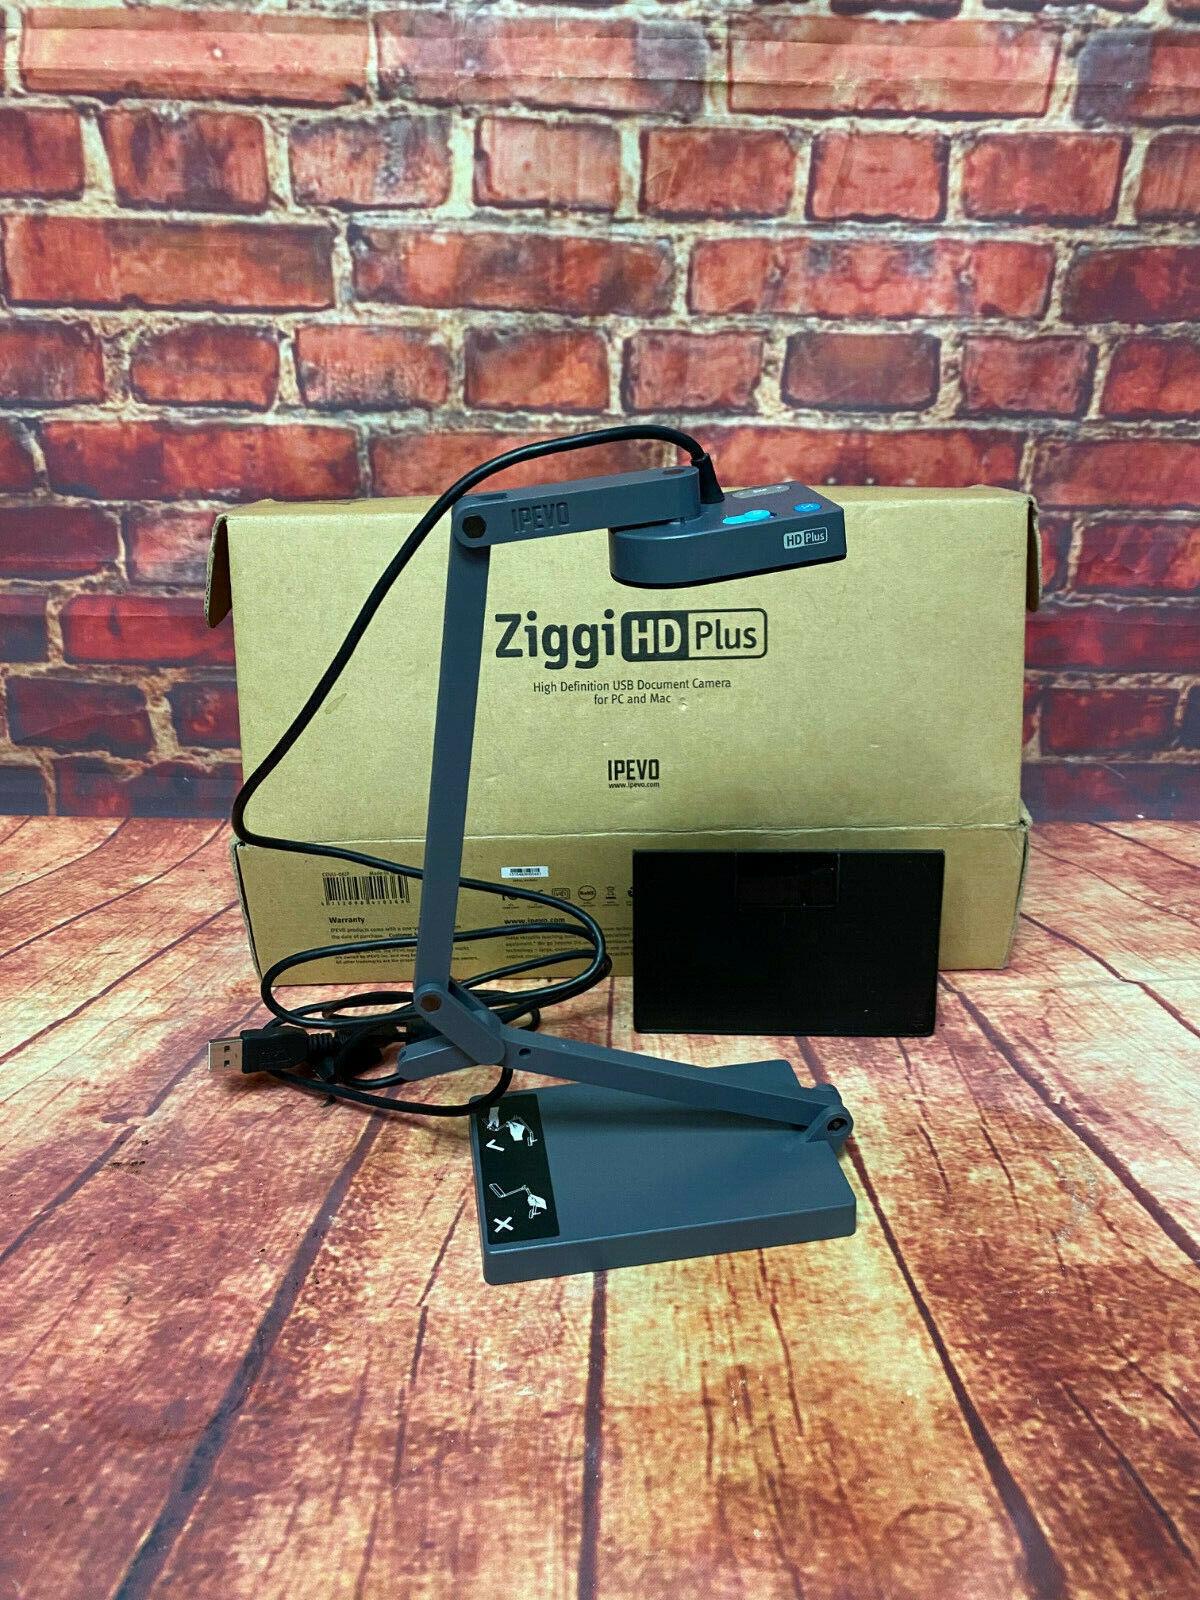 IPEVO Ziggi HD Plus USB-Dokumentenkamera